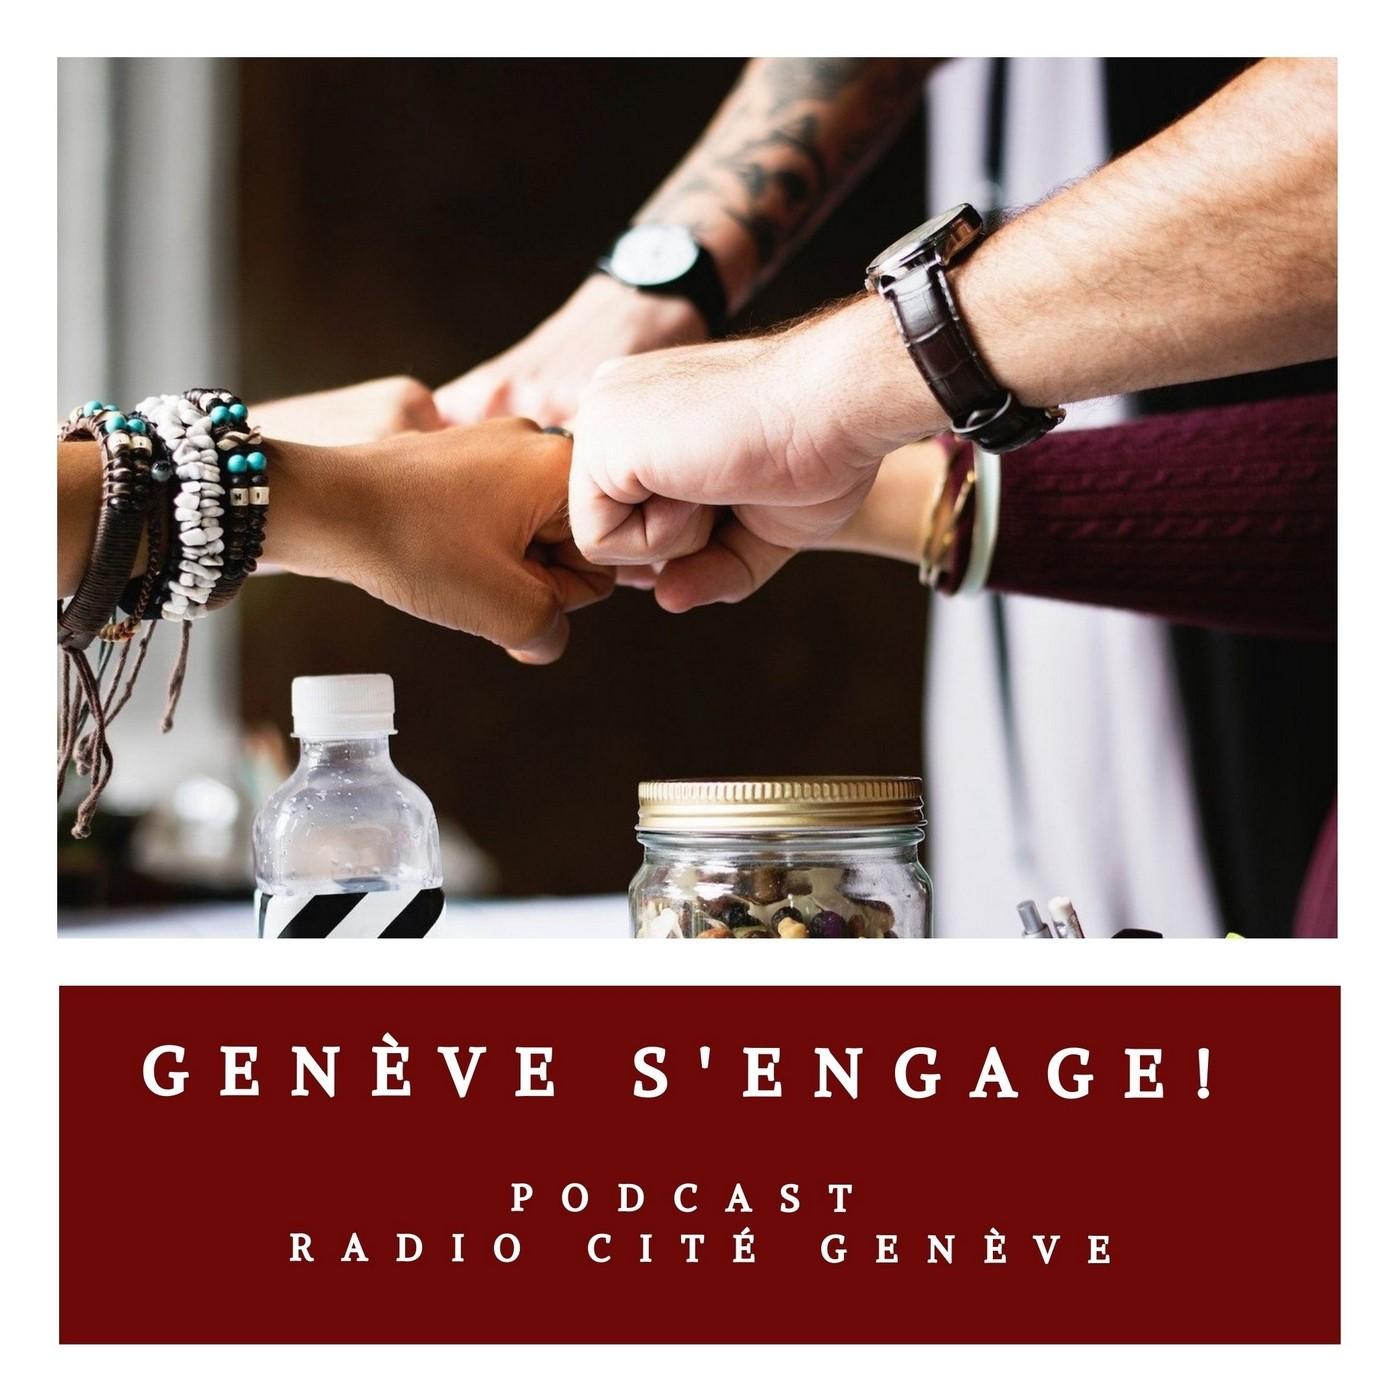 23/02/2021 - Genève s'engage pour les médias locaux